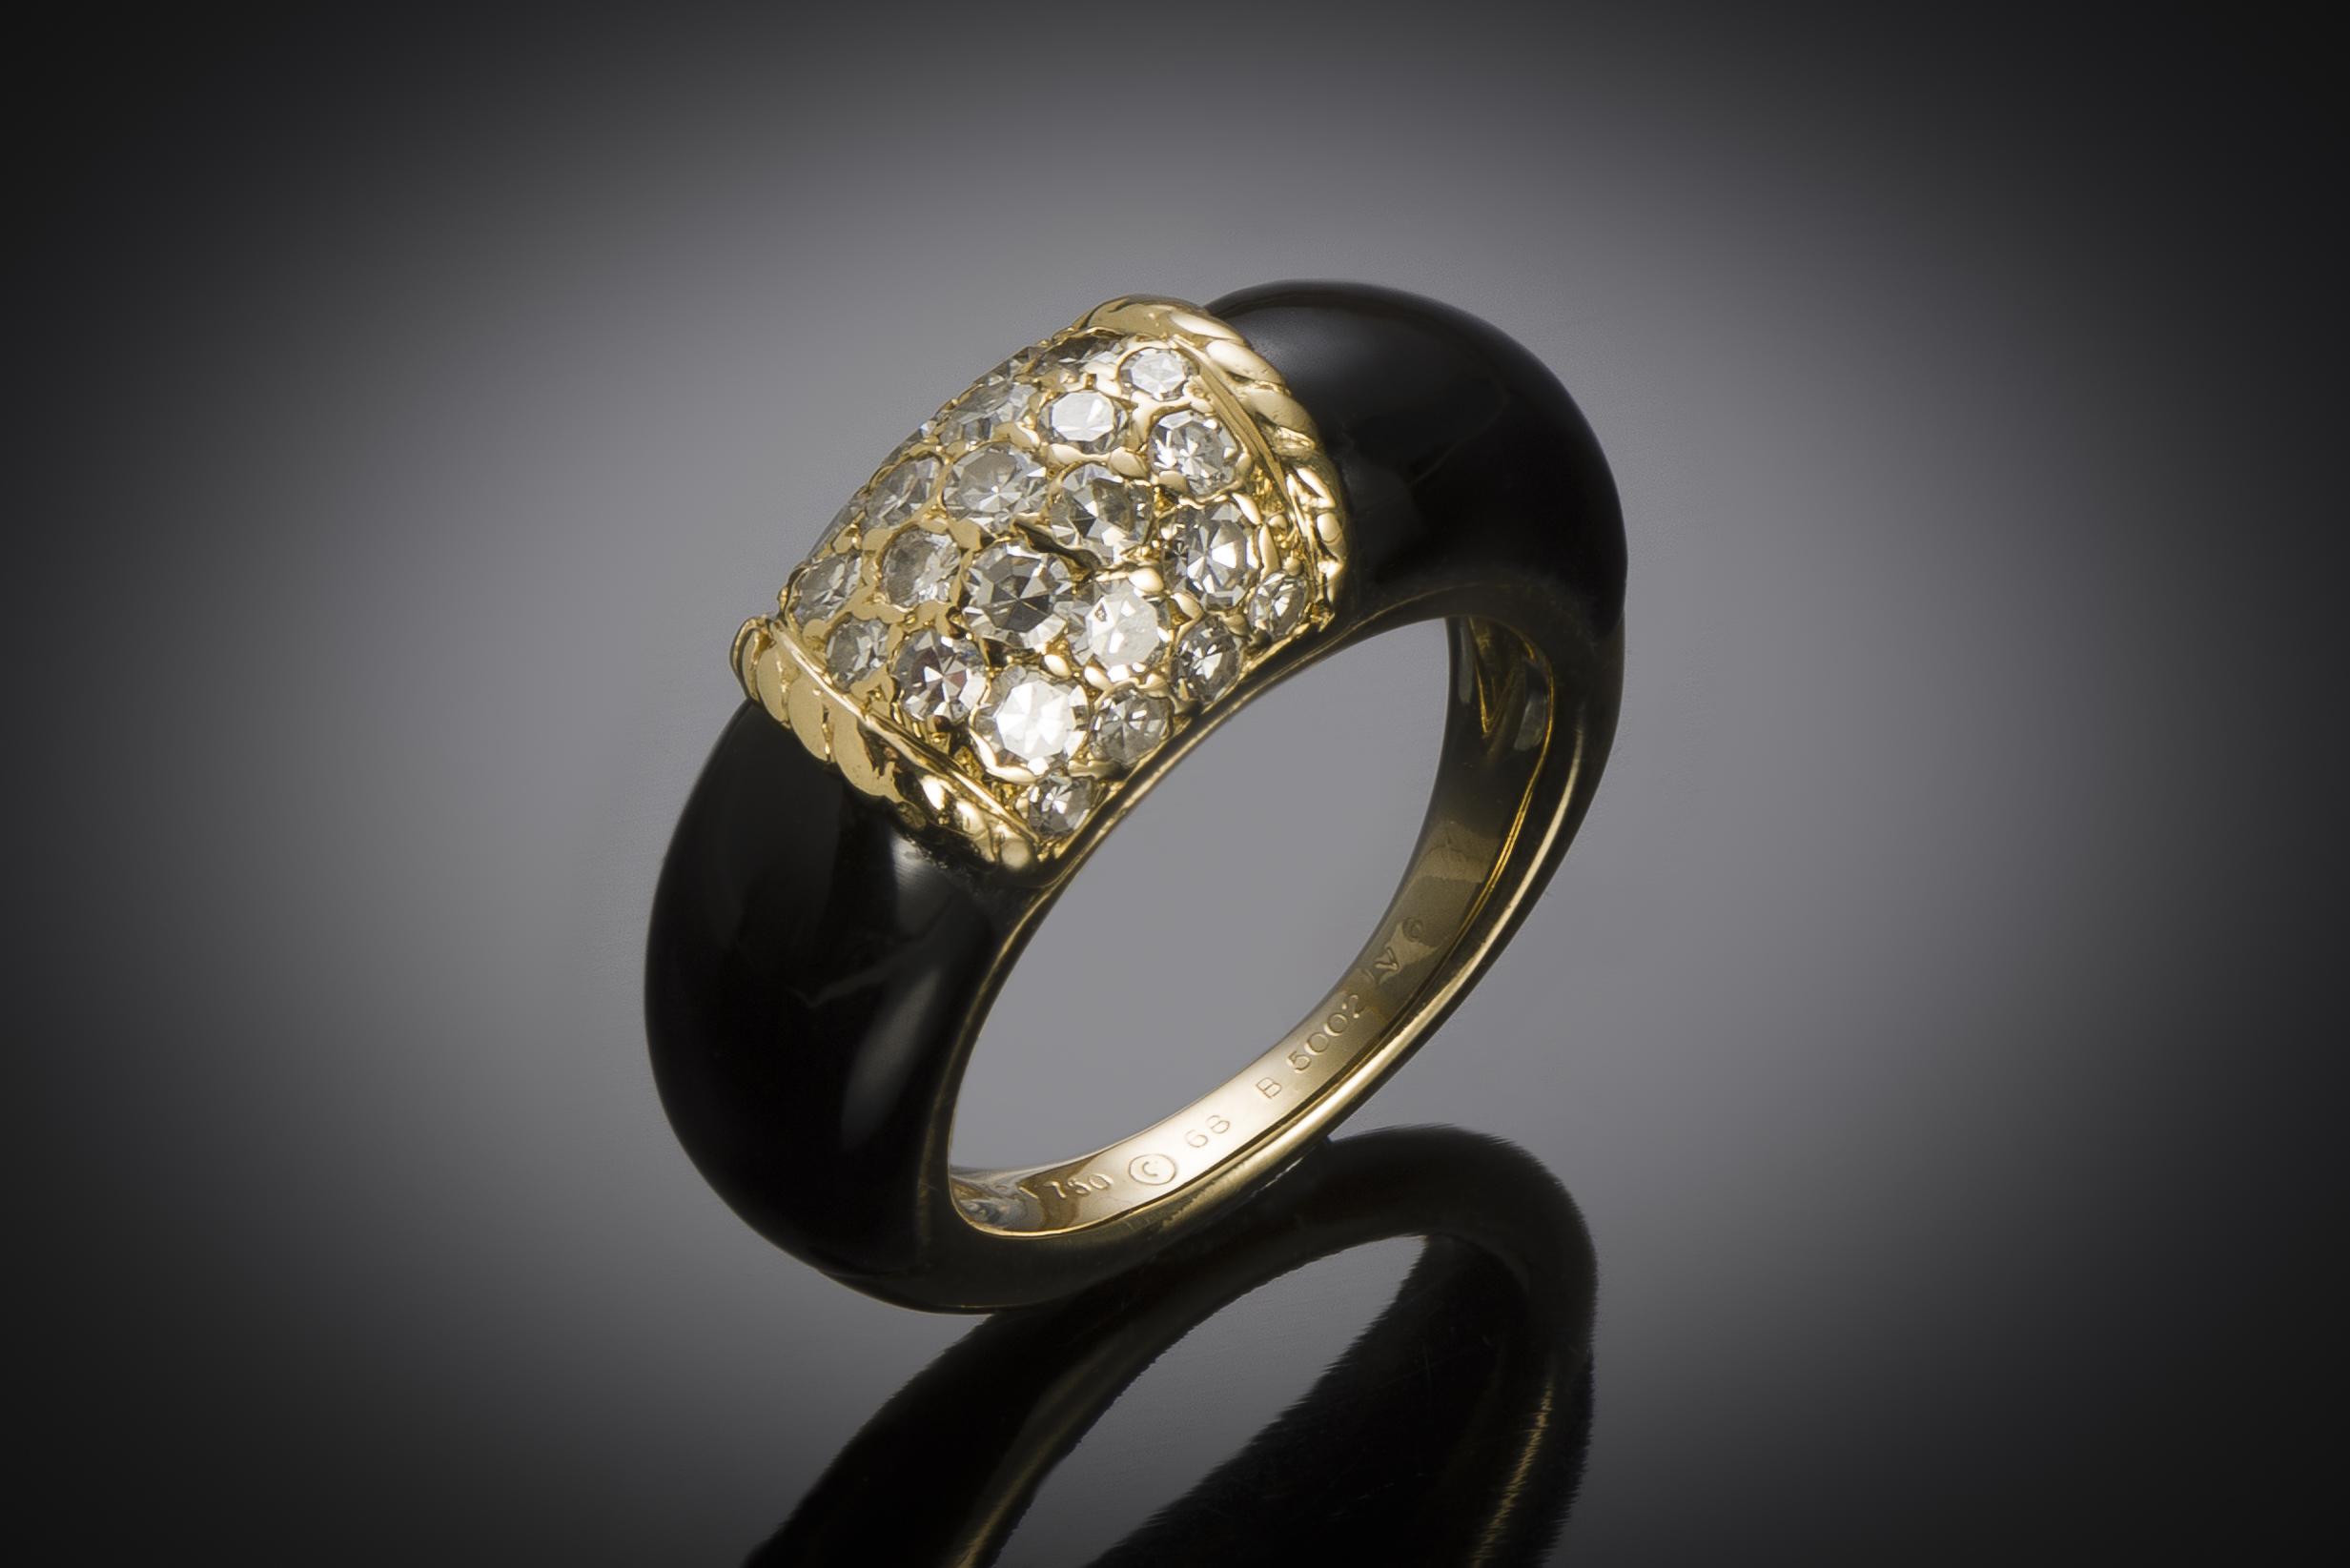 Bague Van Cleef & Arpels « Philippine » diamants onyx (T. 52) vers 1970-1